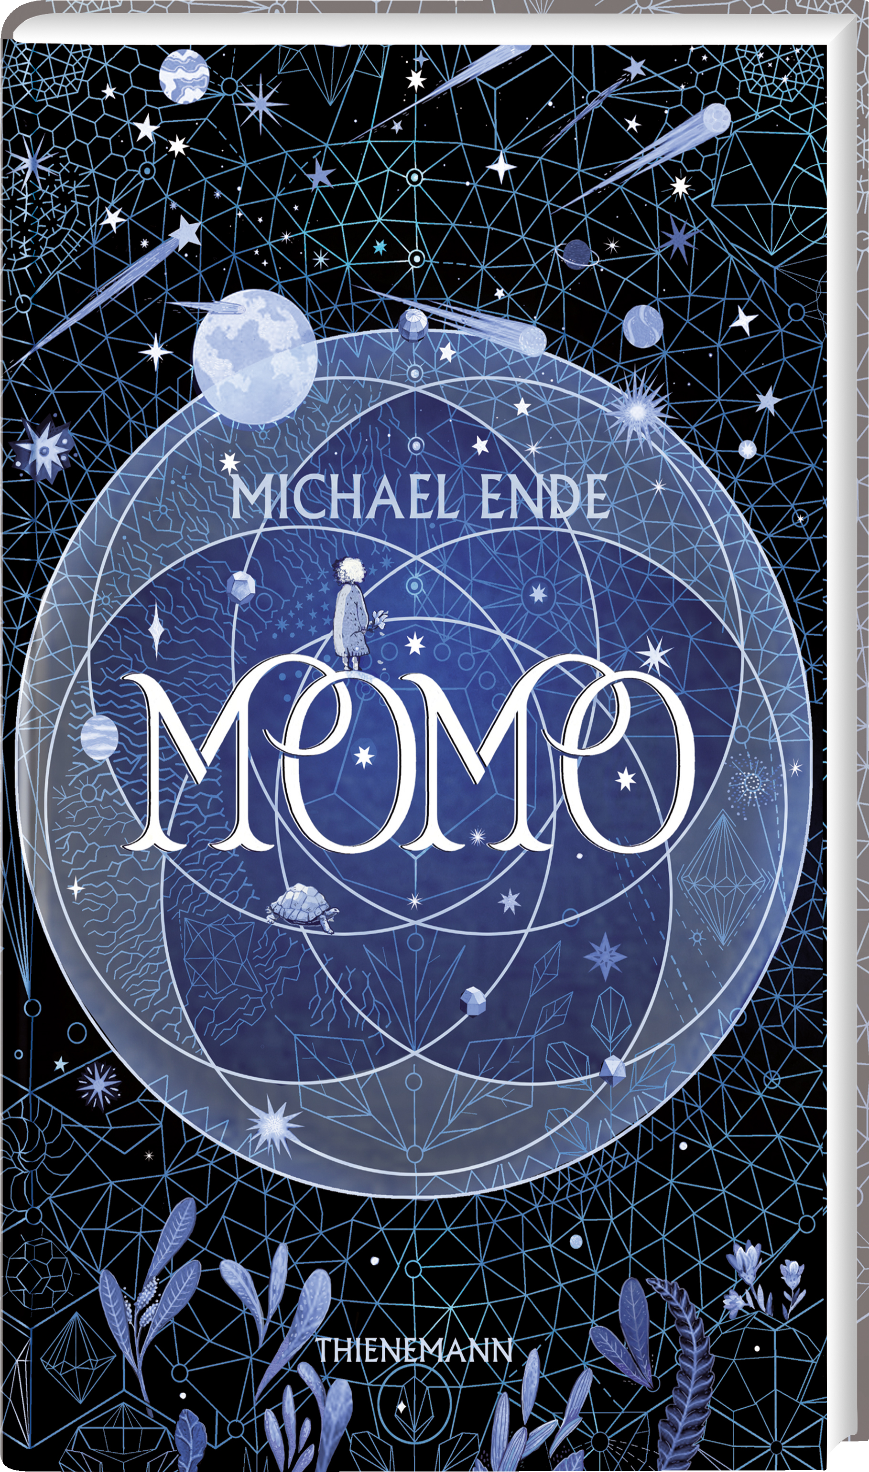 Bücherblog. Neuerscheinungen. Buchcover. Momo von Michael Ende. Jugendbuch. Fantasy. Thienemann.